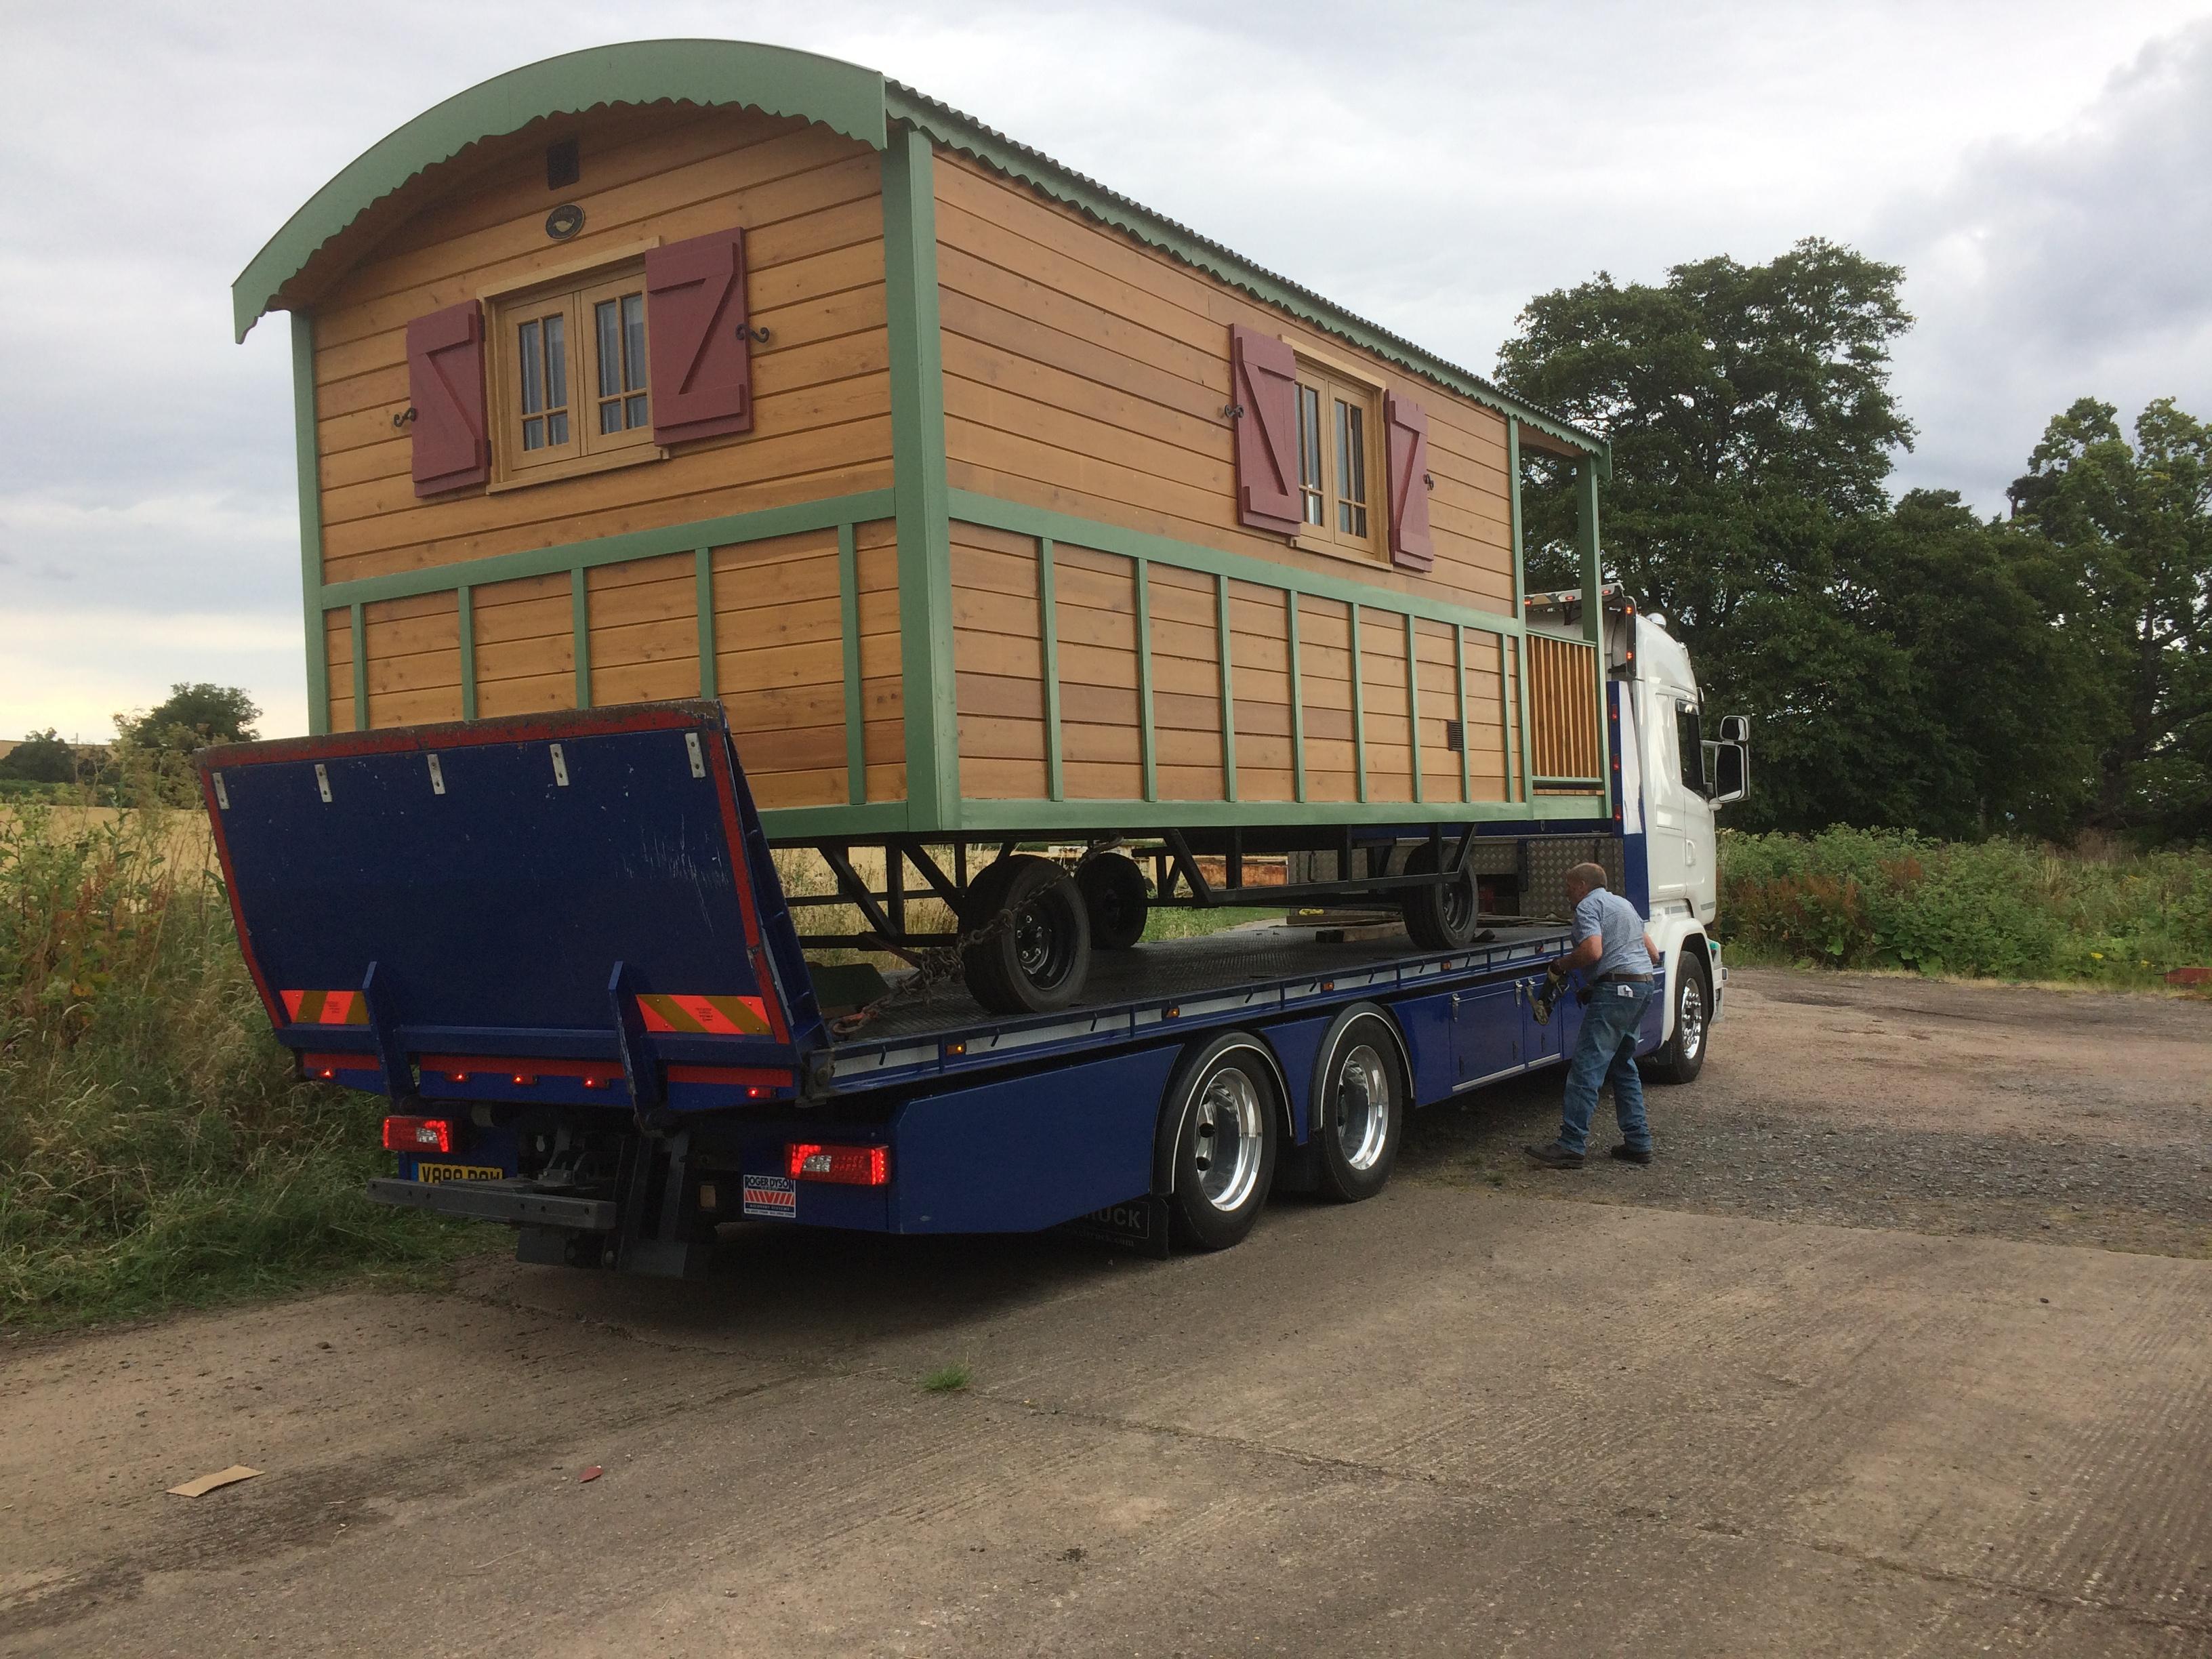 Gypsy caravan transport